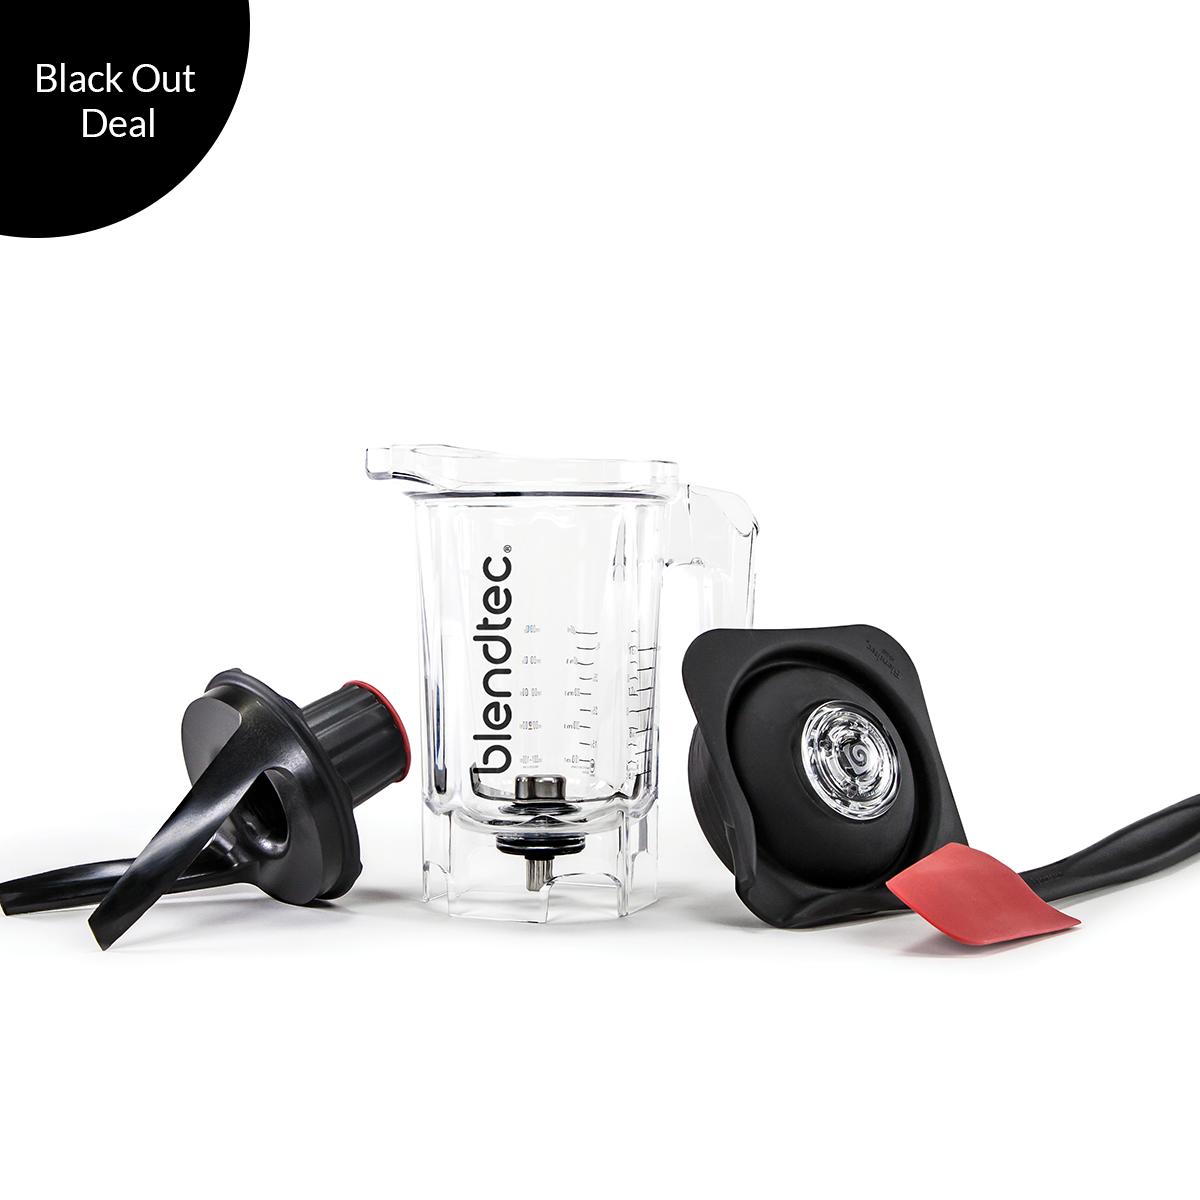 Blender Twister Jar   Blendtec $86  -  BLACK OUT DEAL!